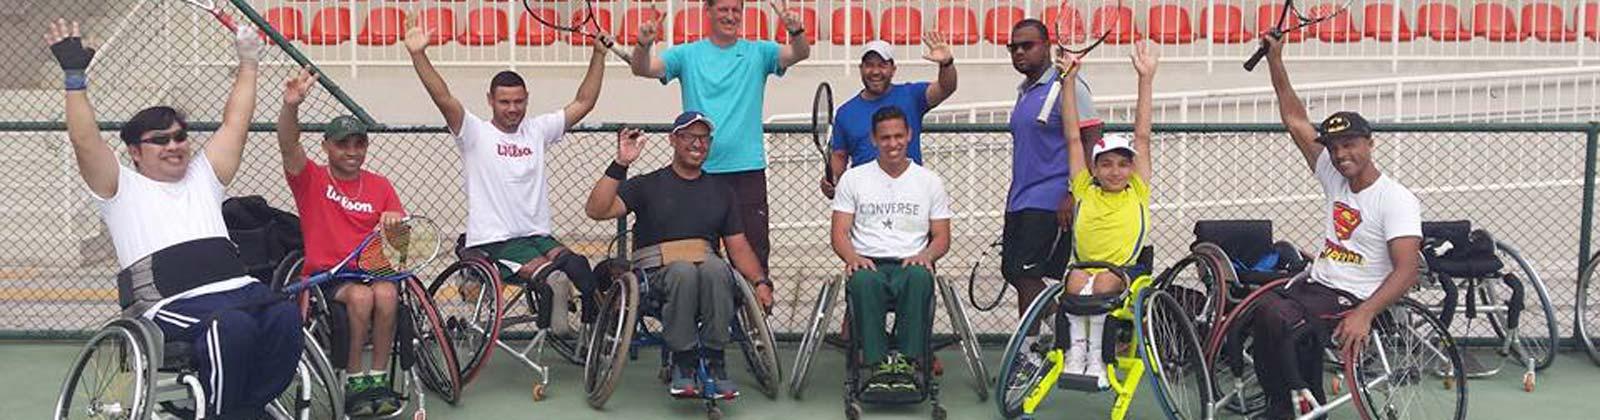 Federación Venezolana de Tenis 20